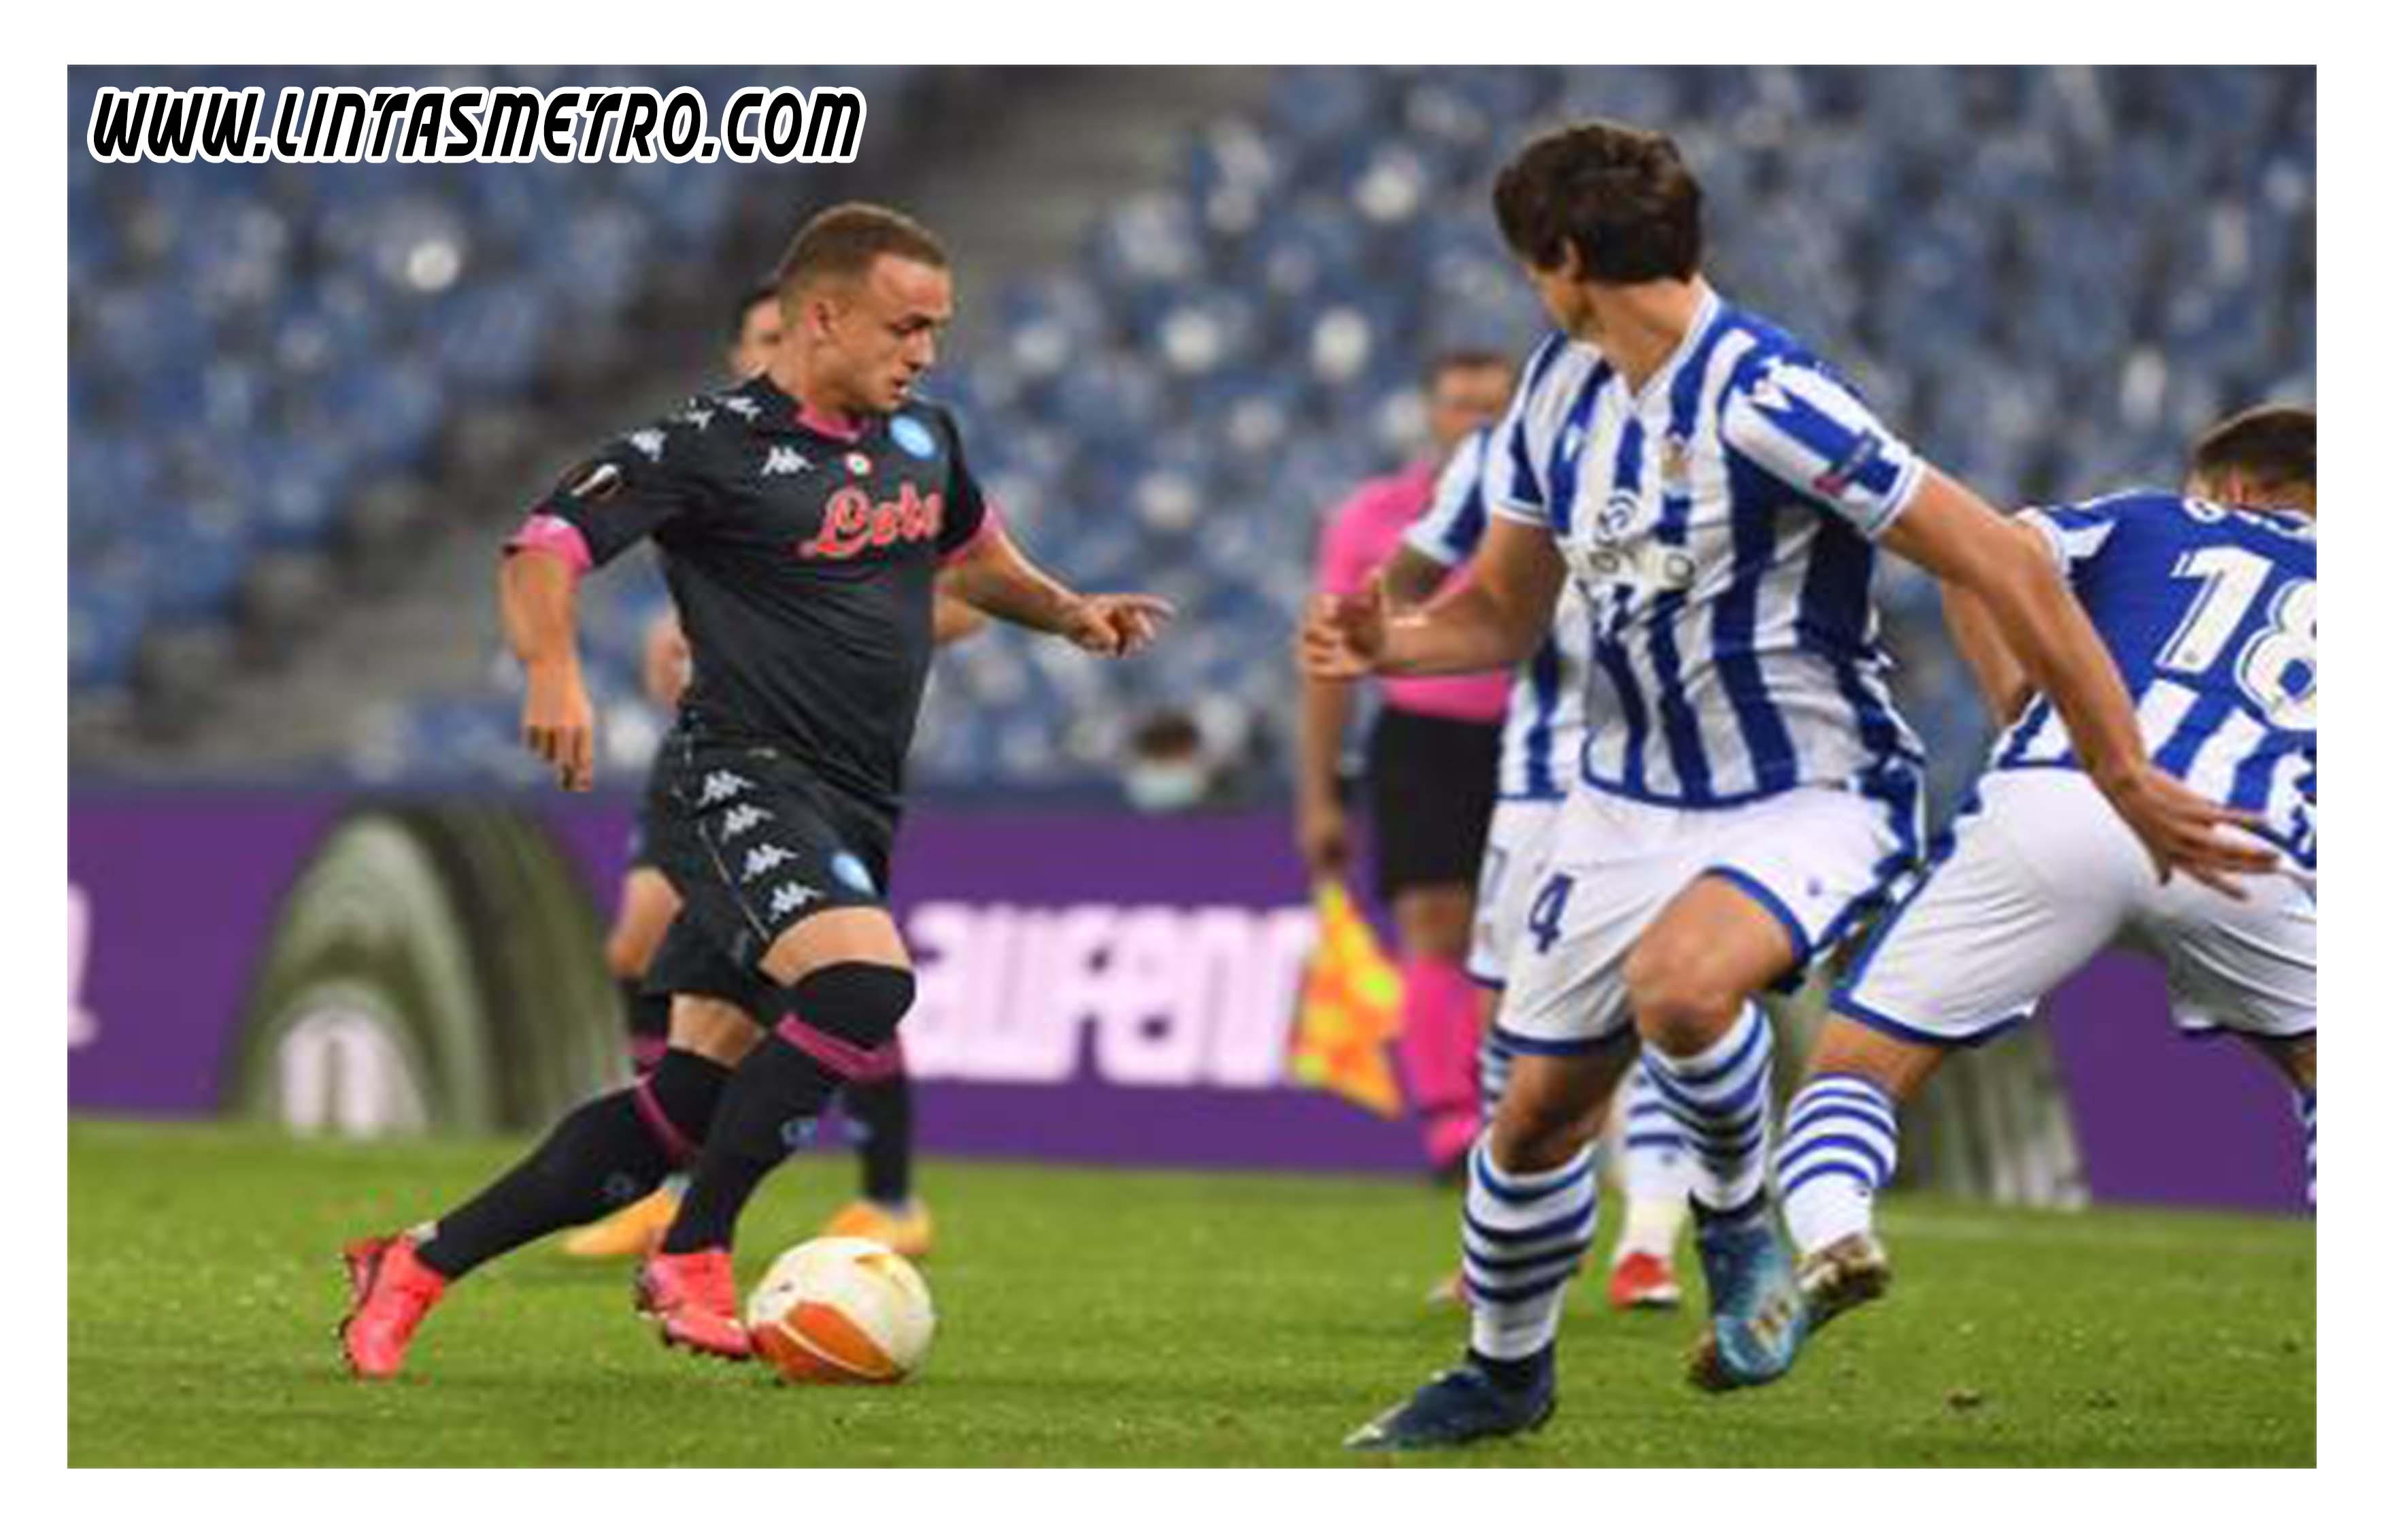 Napoli vs Real Sociedad Prediksi Liga Europa 2020/21